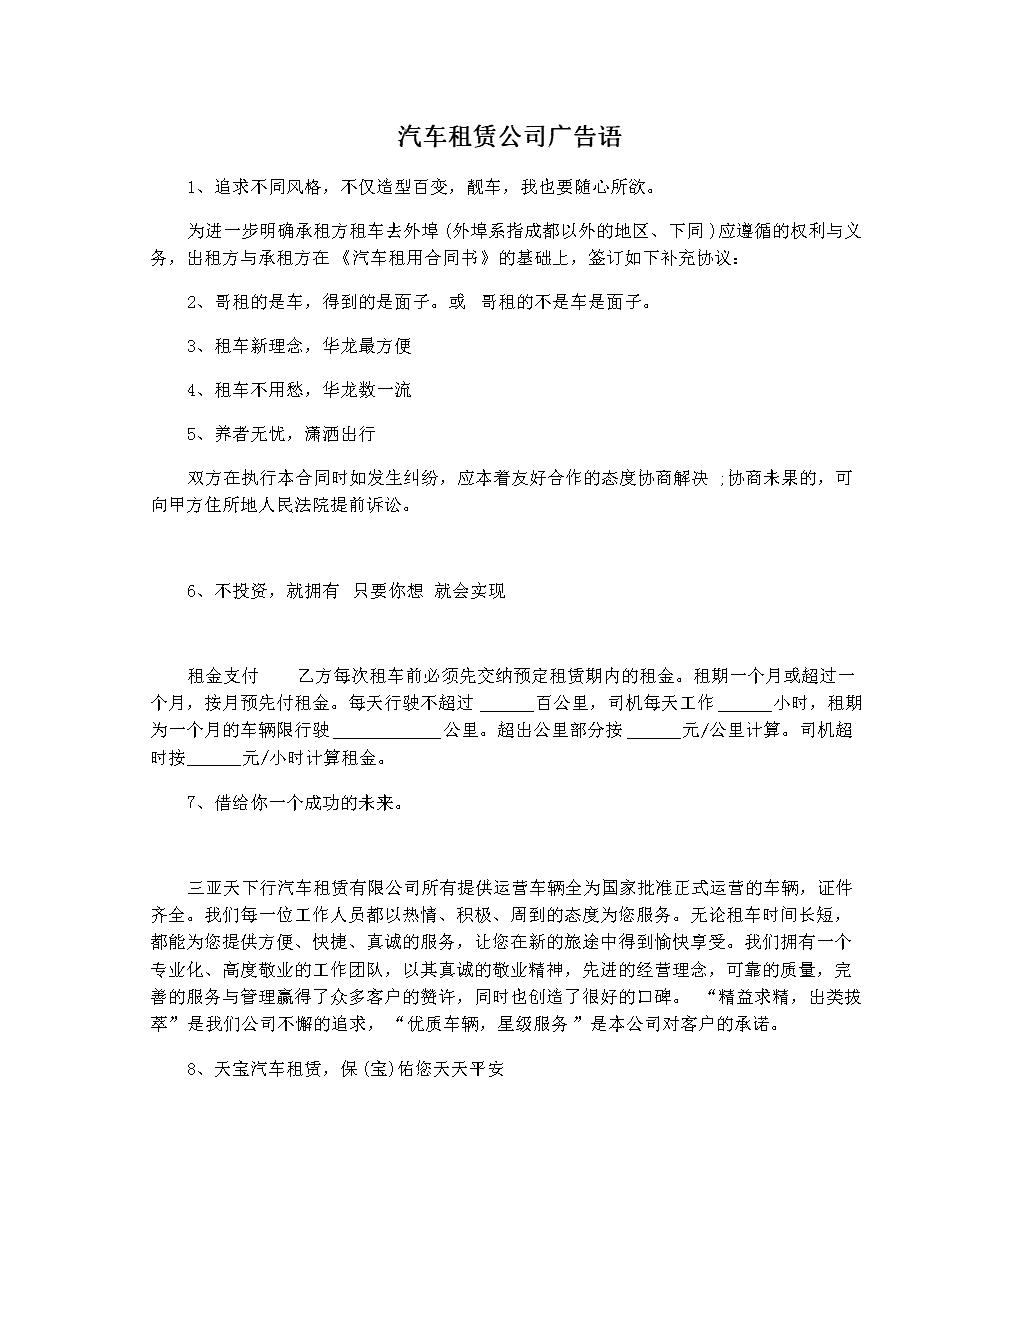 汽车租赁公司广告语.docx